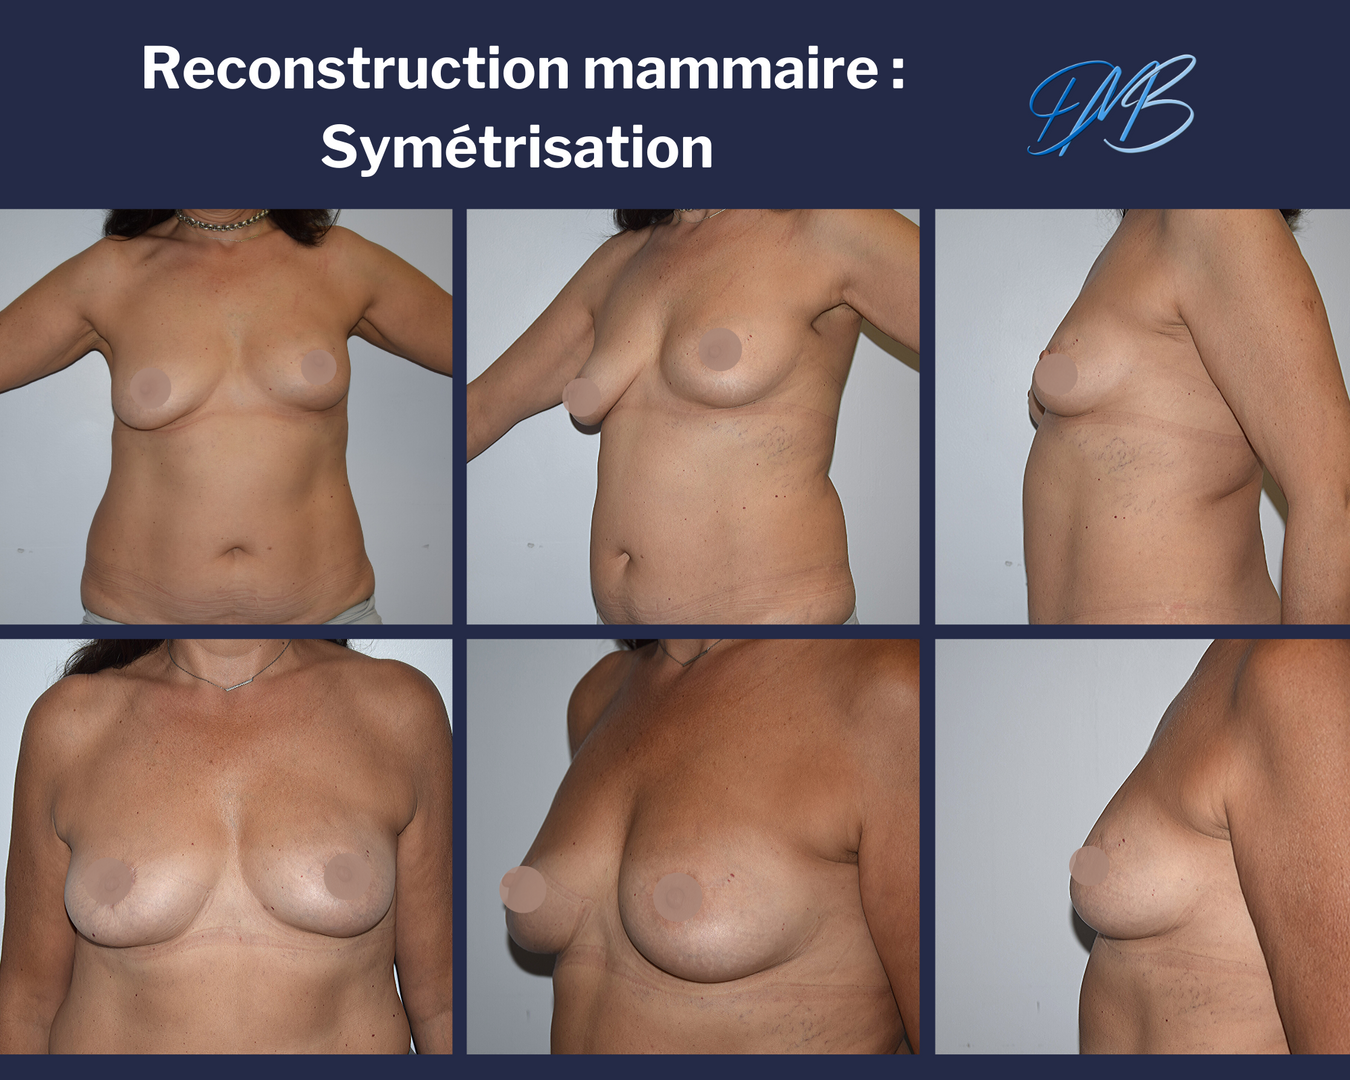 reconstruction mammaire par lipofilling